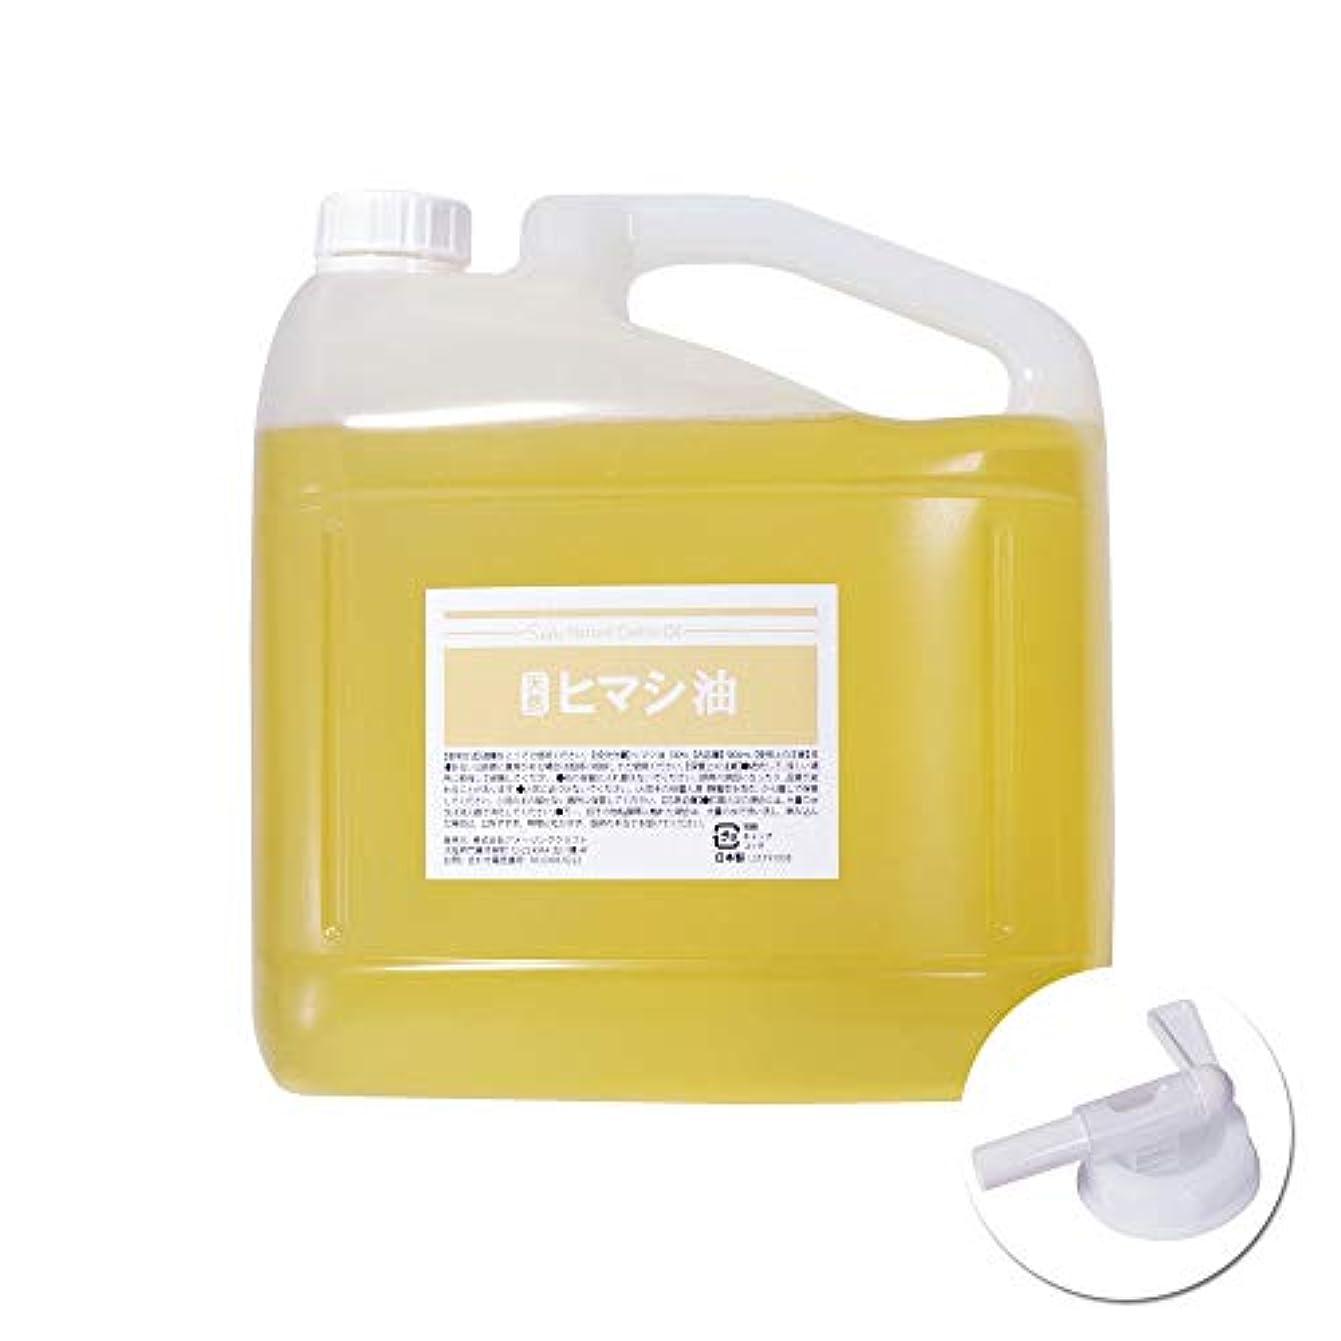 確かに黒板影天然無添加 国内精製 ひまし油 5000ml キャスターオイル ヒマシ油